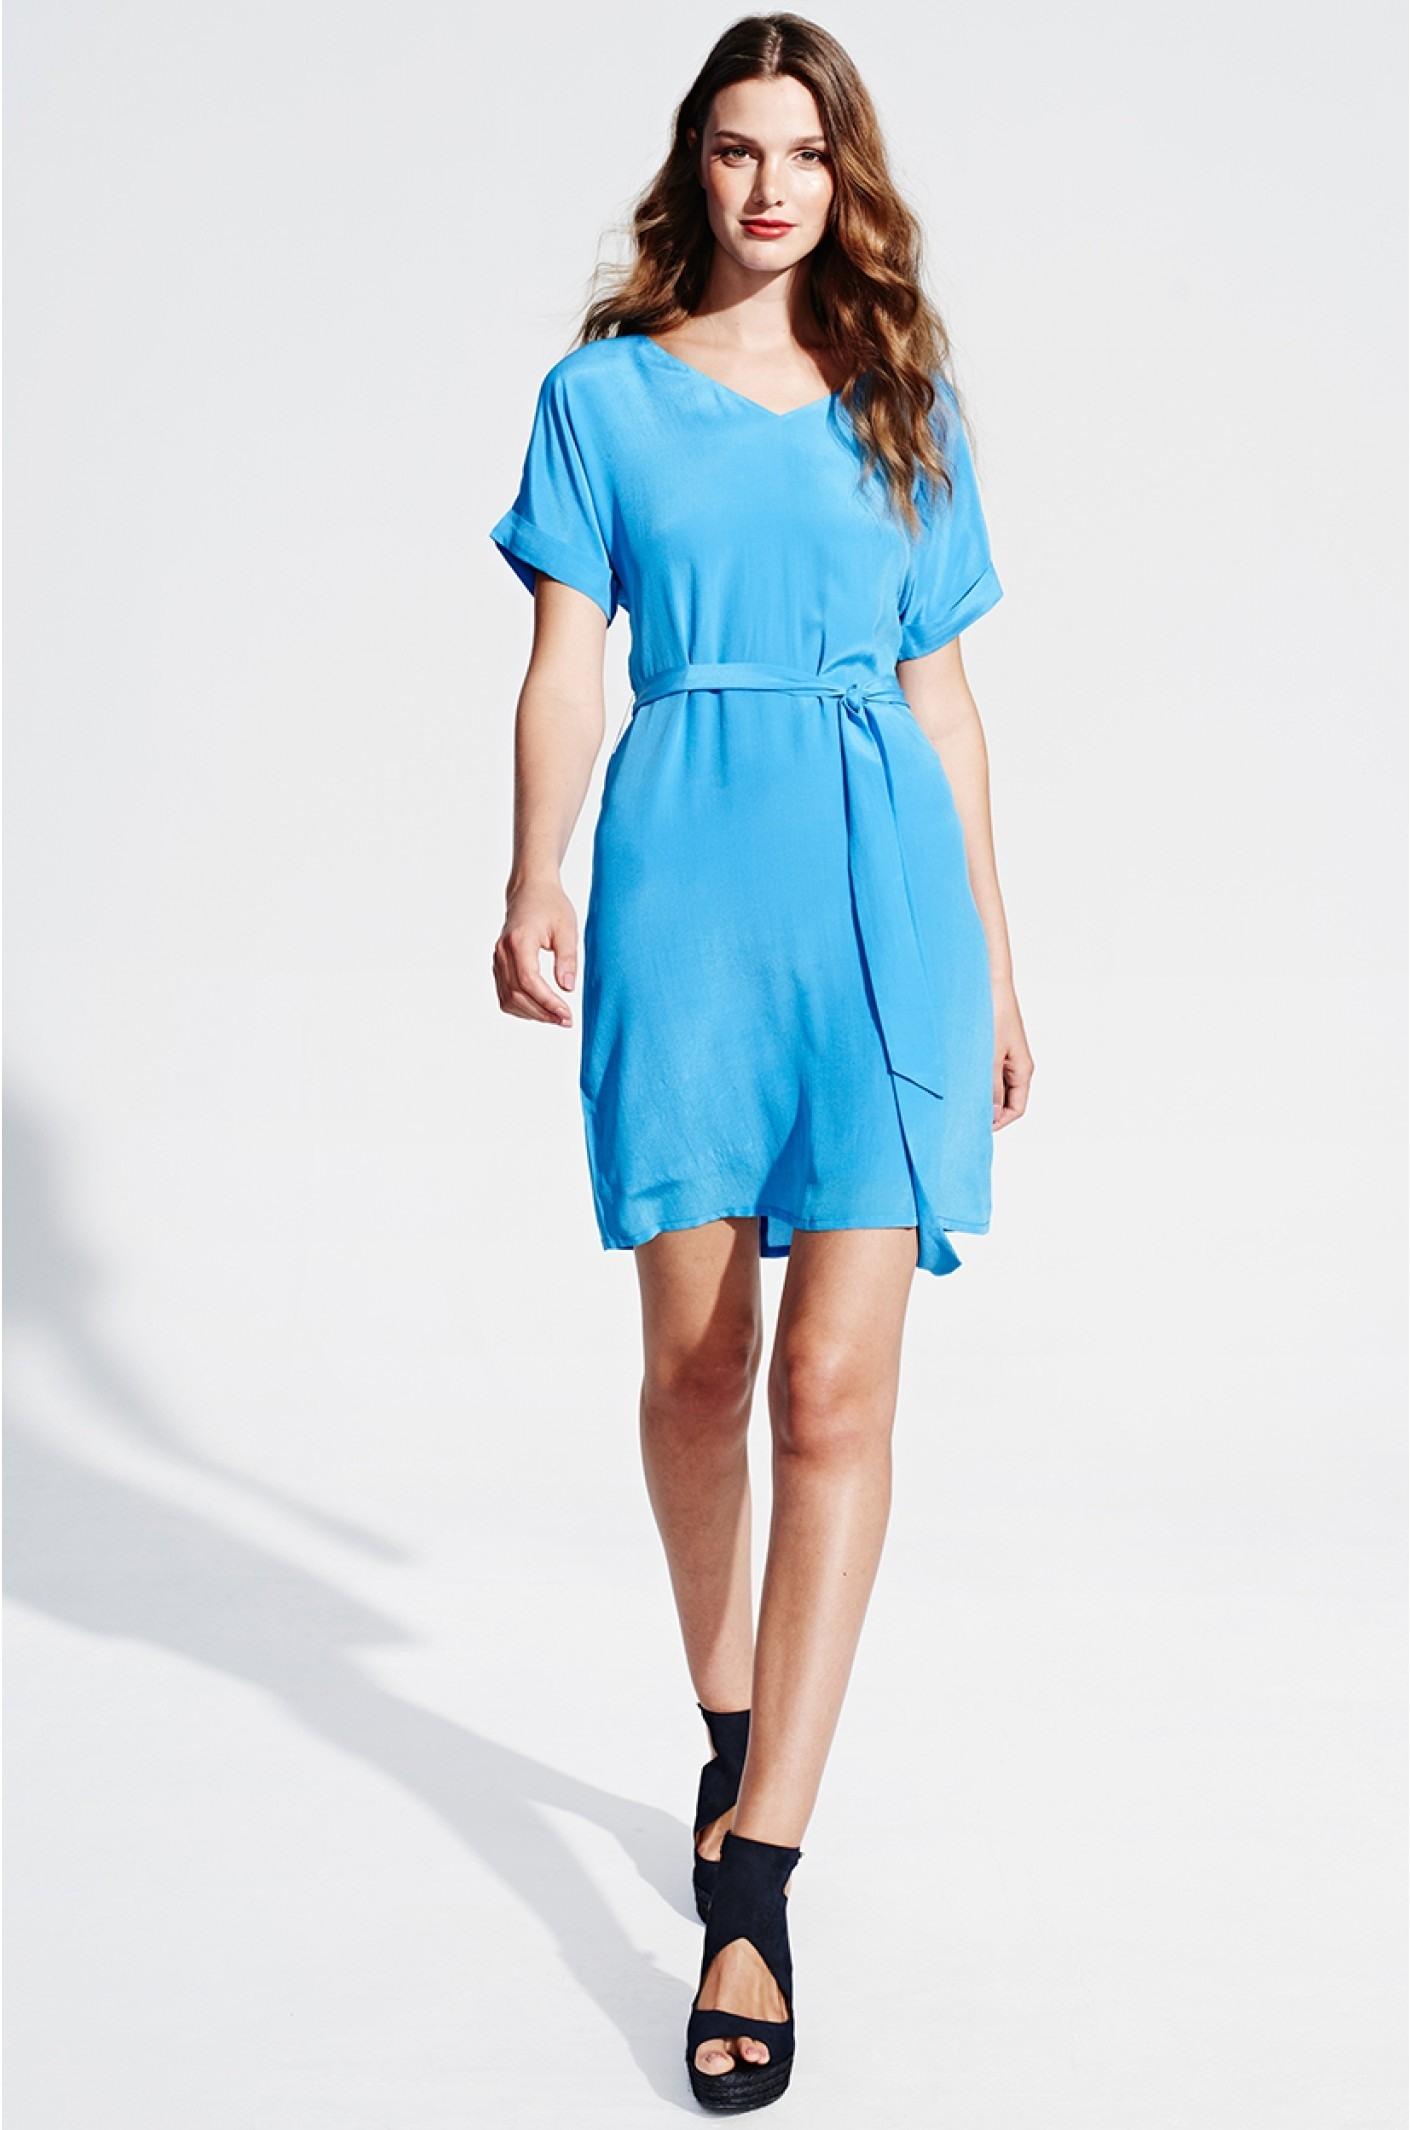 Designer Luxurius Blaues Kleid Mit Ärmeln Boutique15 Luxus Blaues Kleid Mit Ärmeln Vertrieb